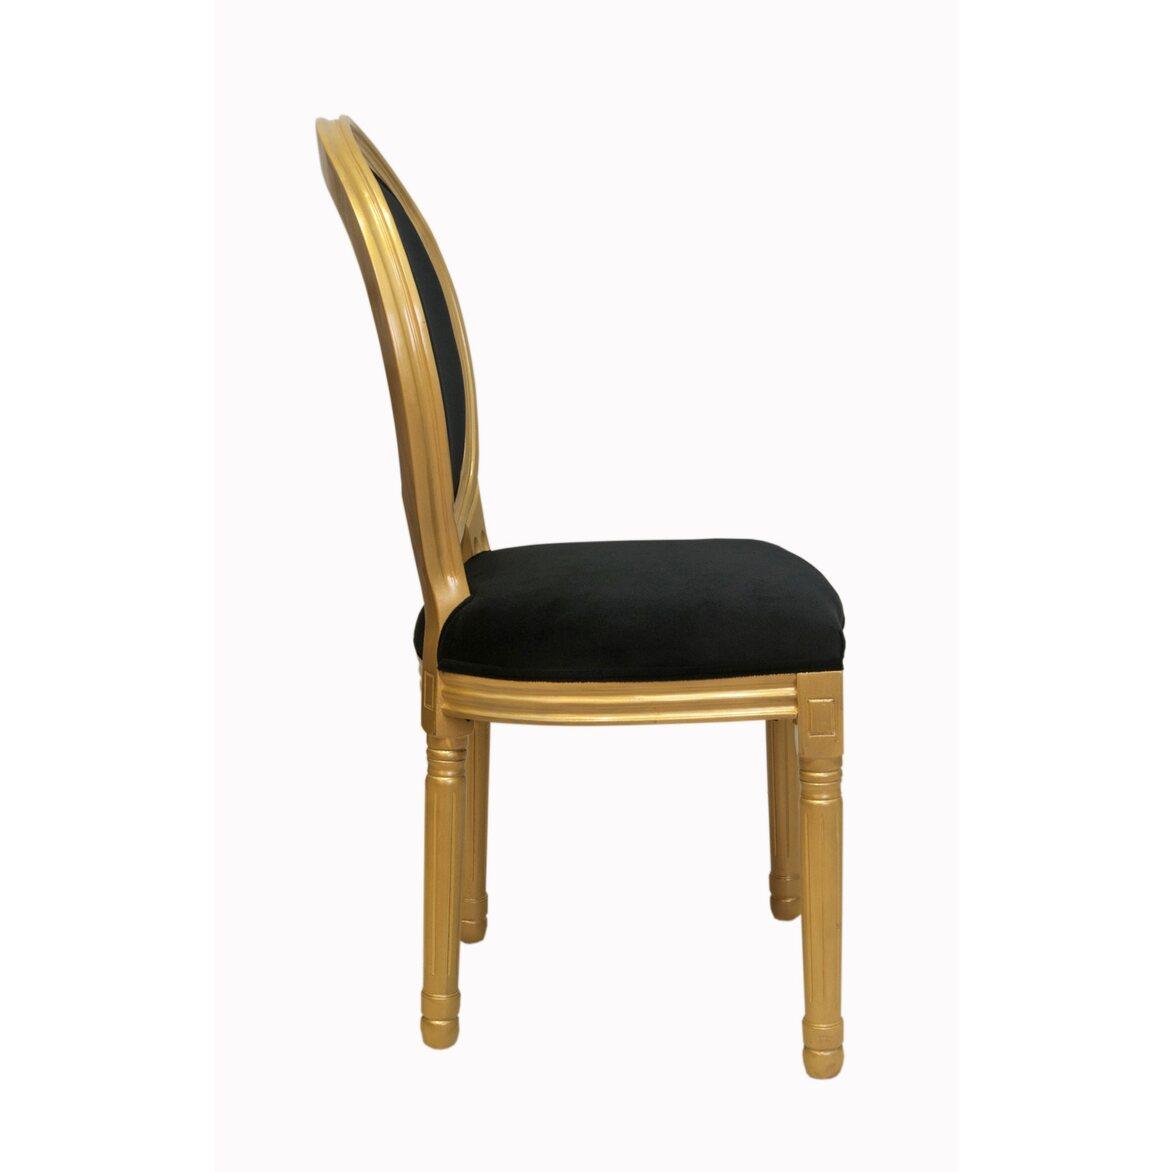 Стул Volker black gold 2 | Обеденные стулья Kingsby